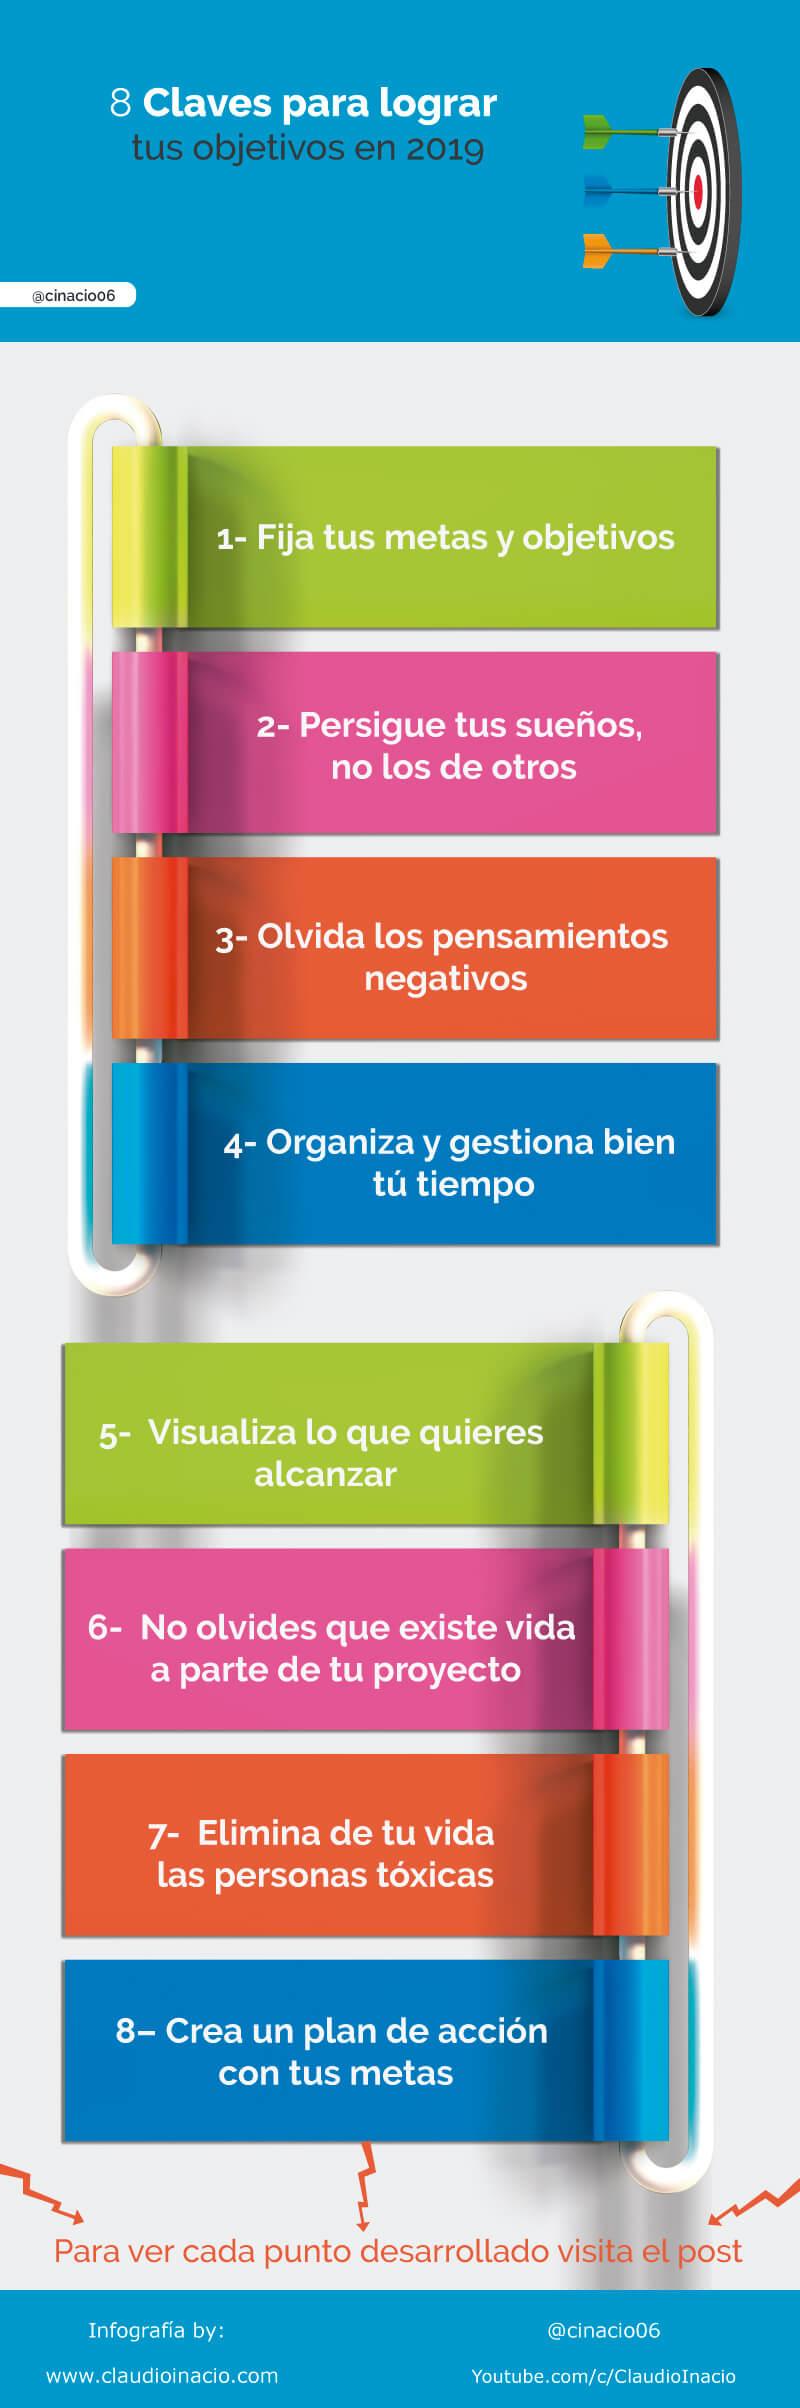 infografia con 8 claves para lograr metas y objetivos este año